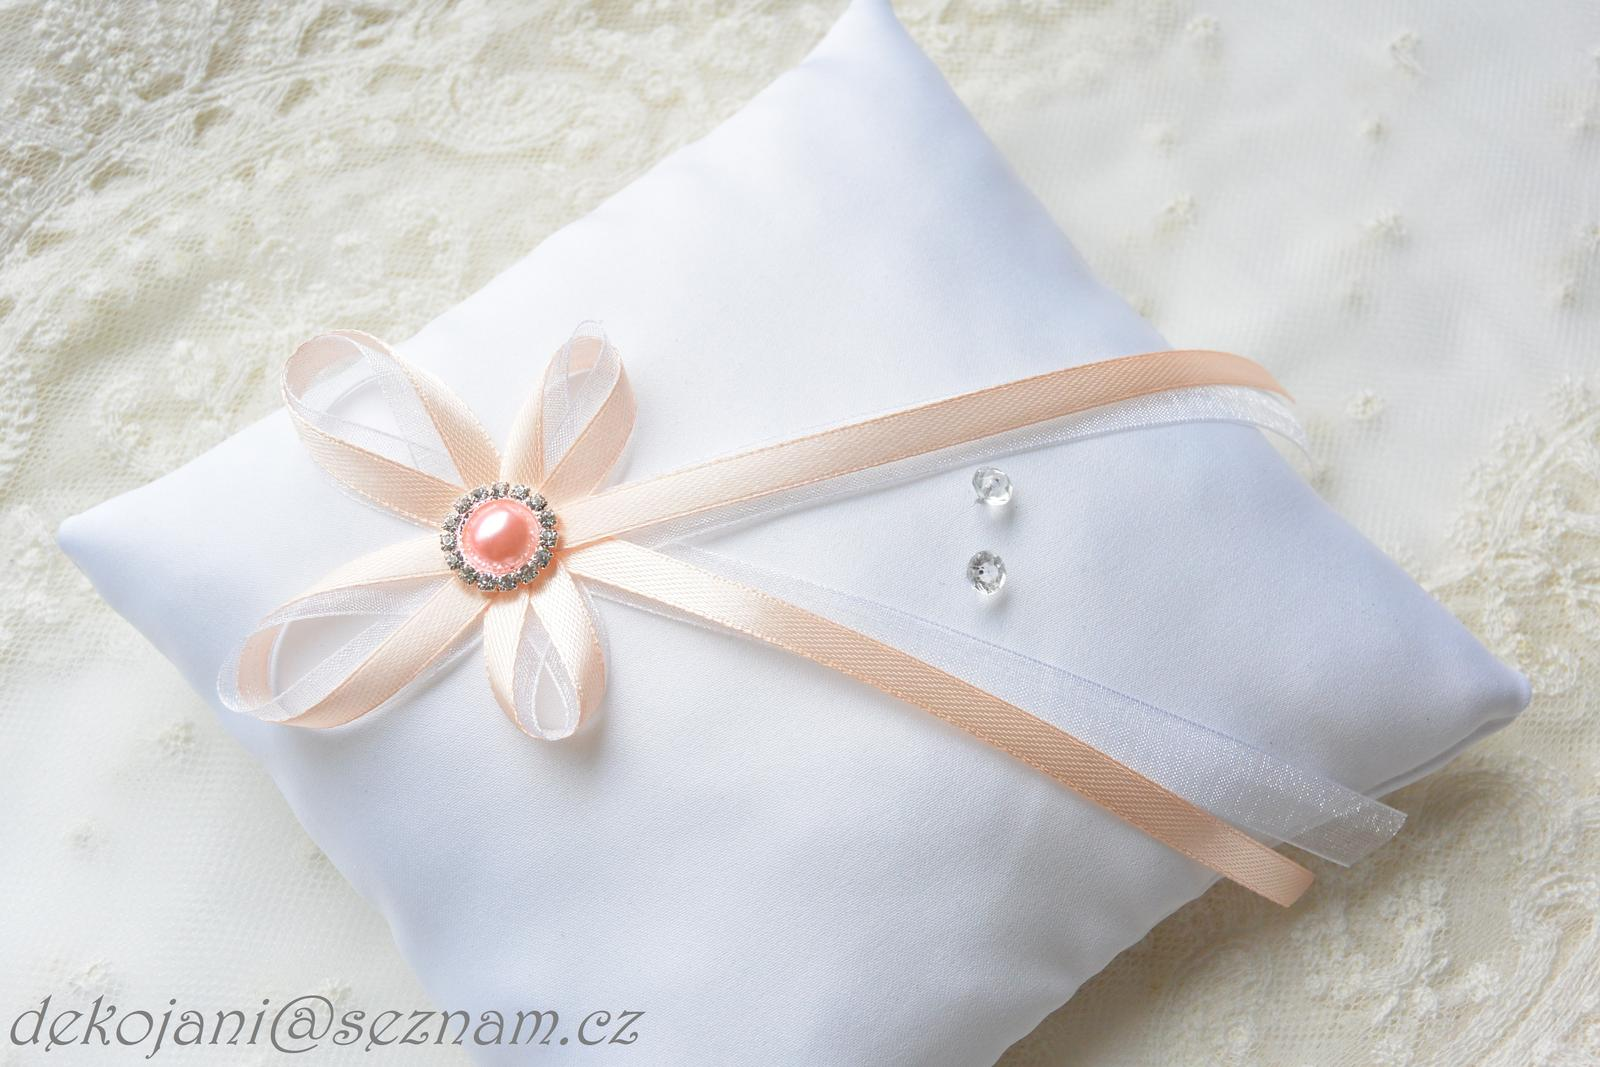 Svatební polštářek s meruňkovou broží - Obrázek č. 1